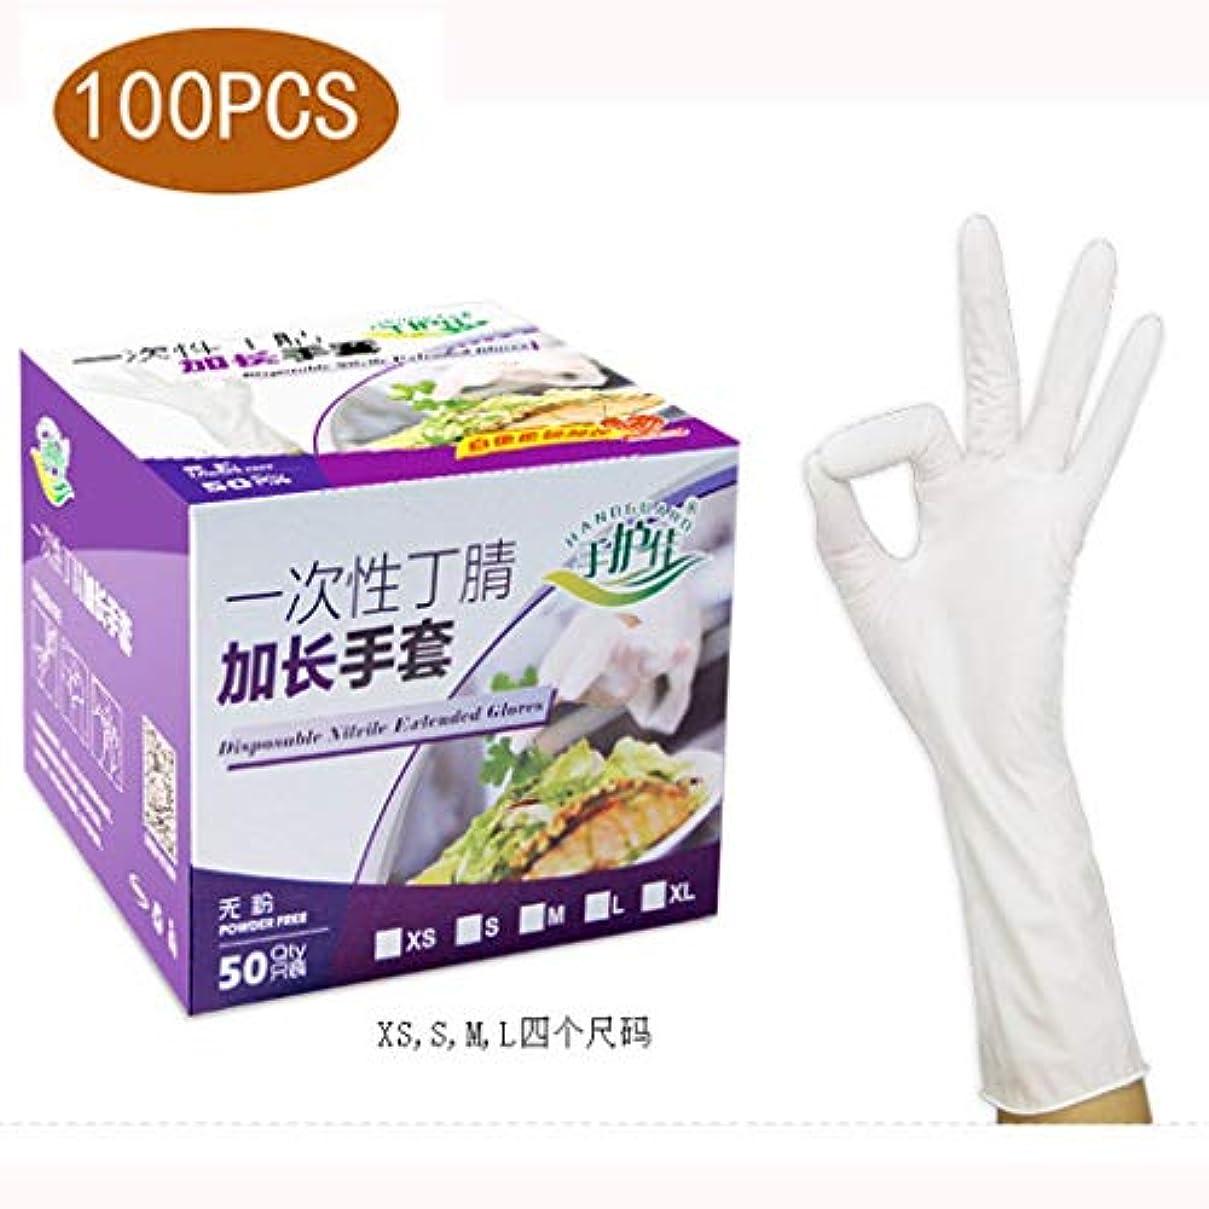 後方サイバースペースサークルニトリル手袋ビニール試験使い捨て手袋ゴム研究所労働保険と延長、5ミル、ゴム労働保護美容院ラテックスフリー、パウダーフリー、両手利き、100個 (Size : L)